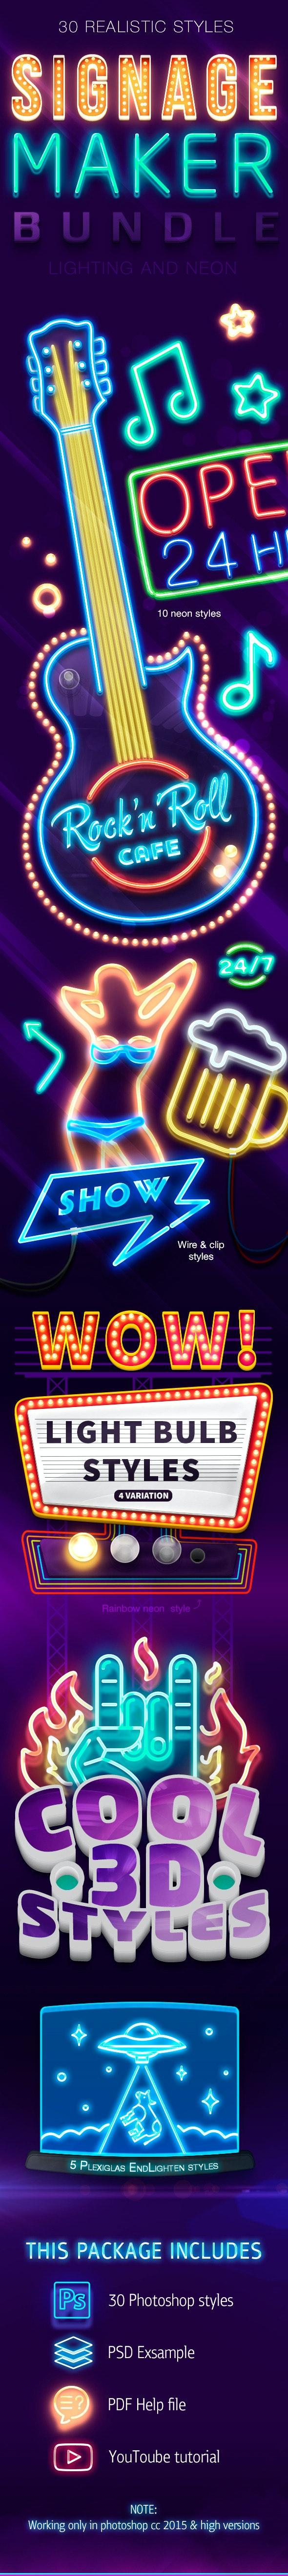 Signage Light Maker Bundle - Styles Photoshop